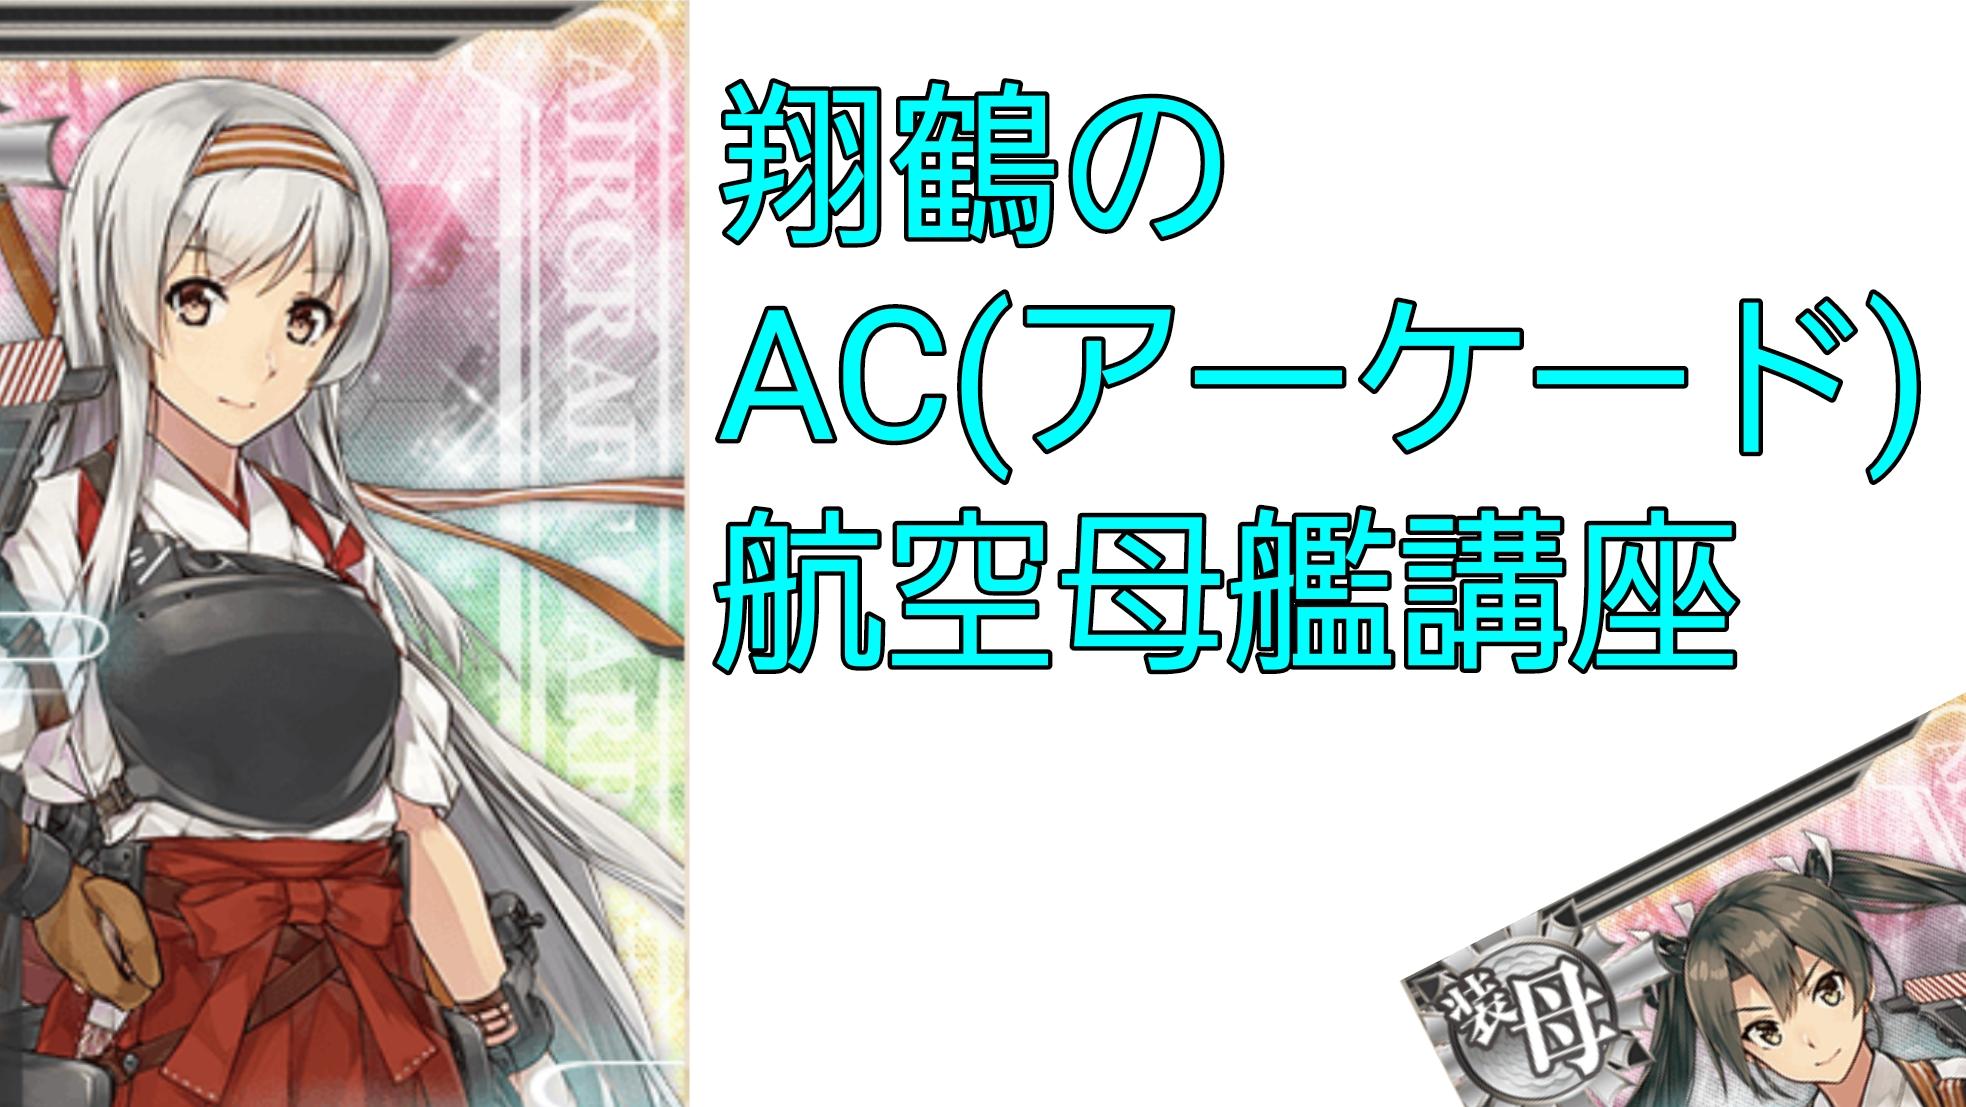 翔鶴のAC(アーケード)航空母艦講座